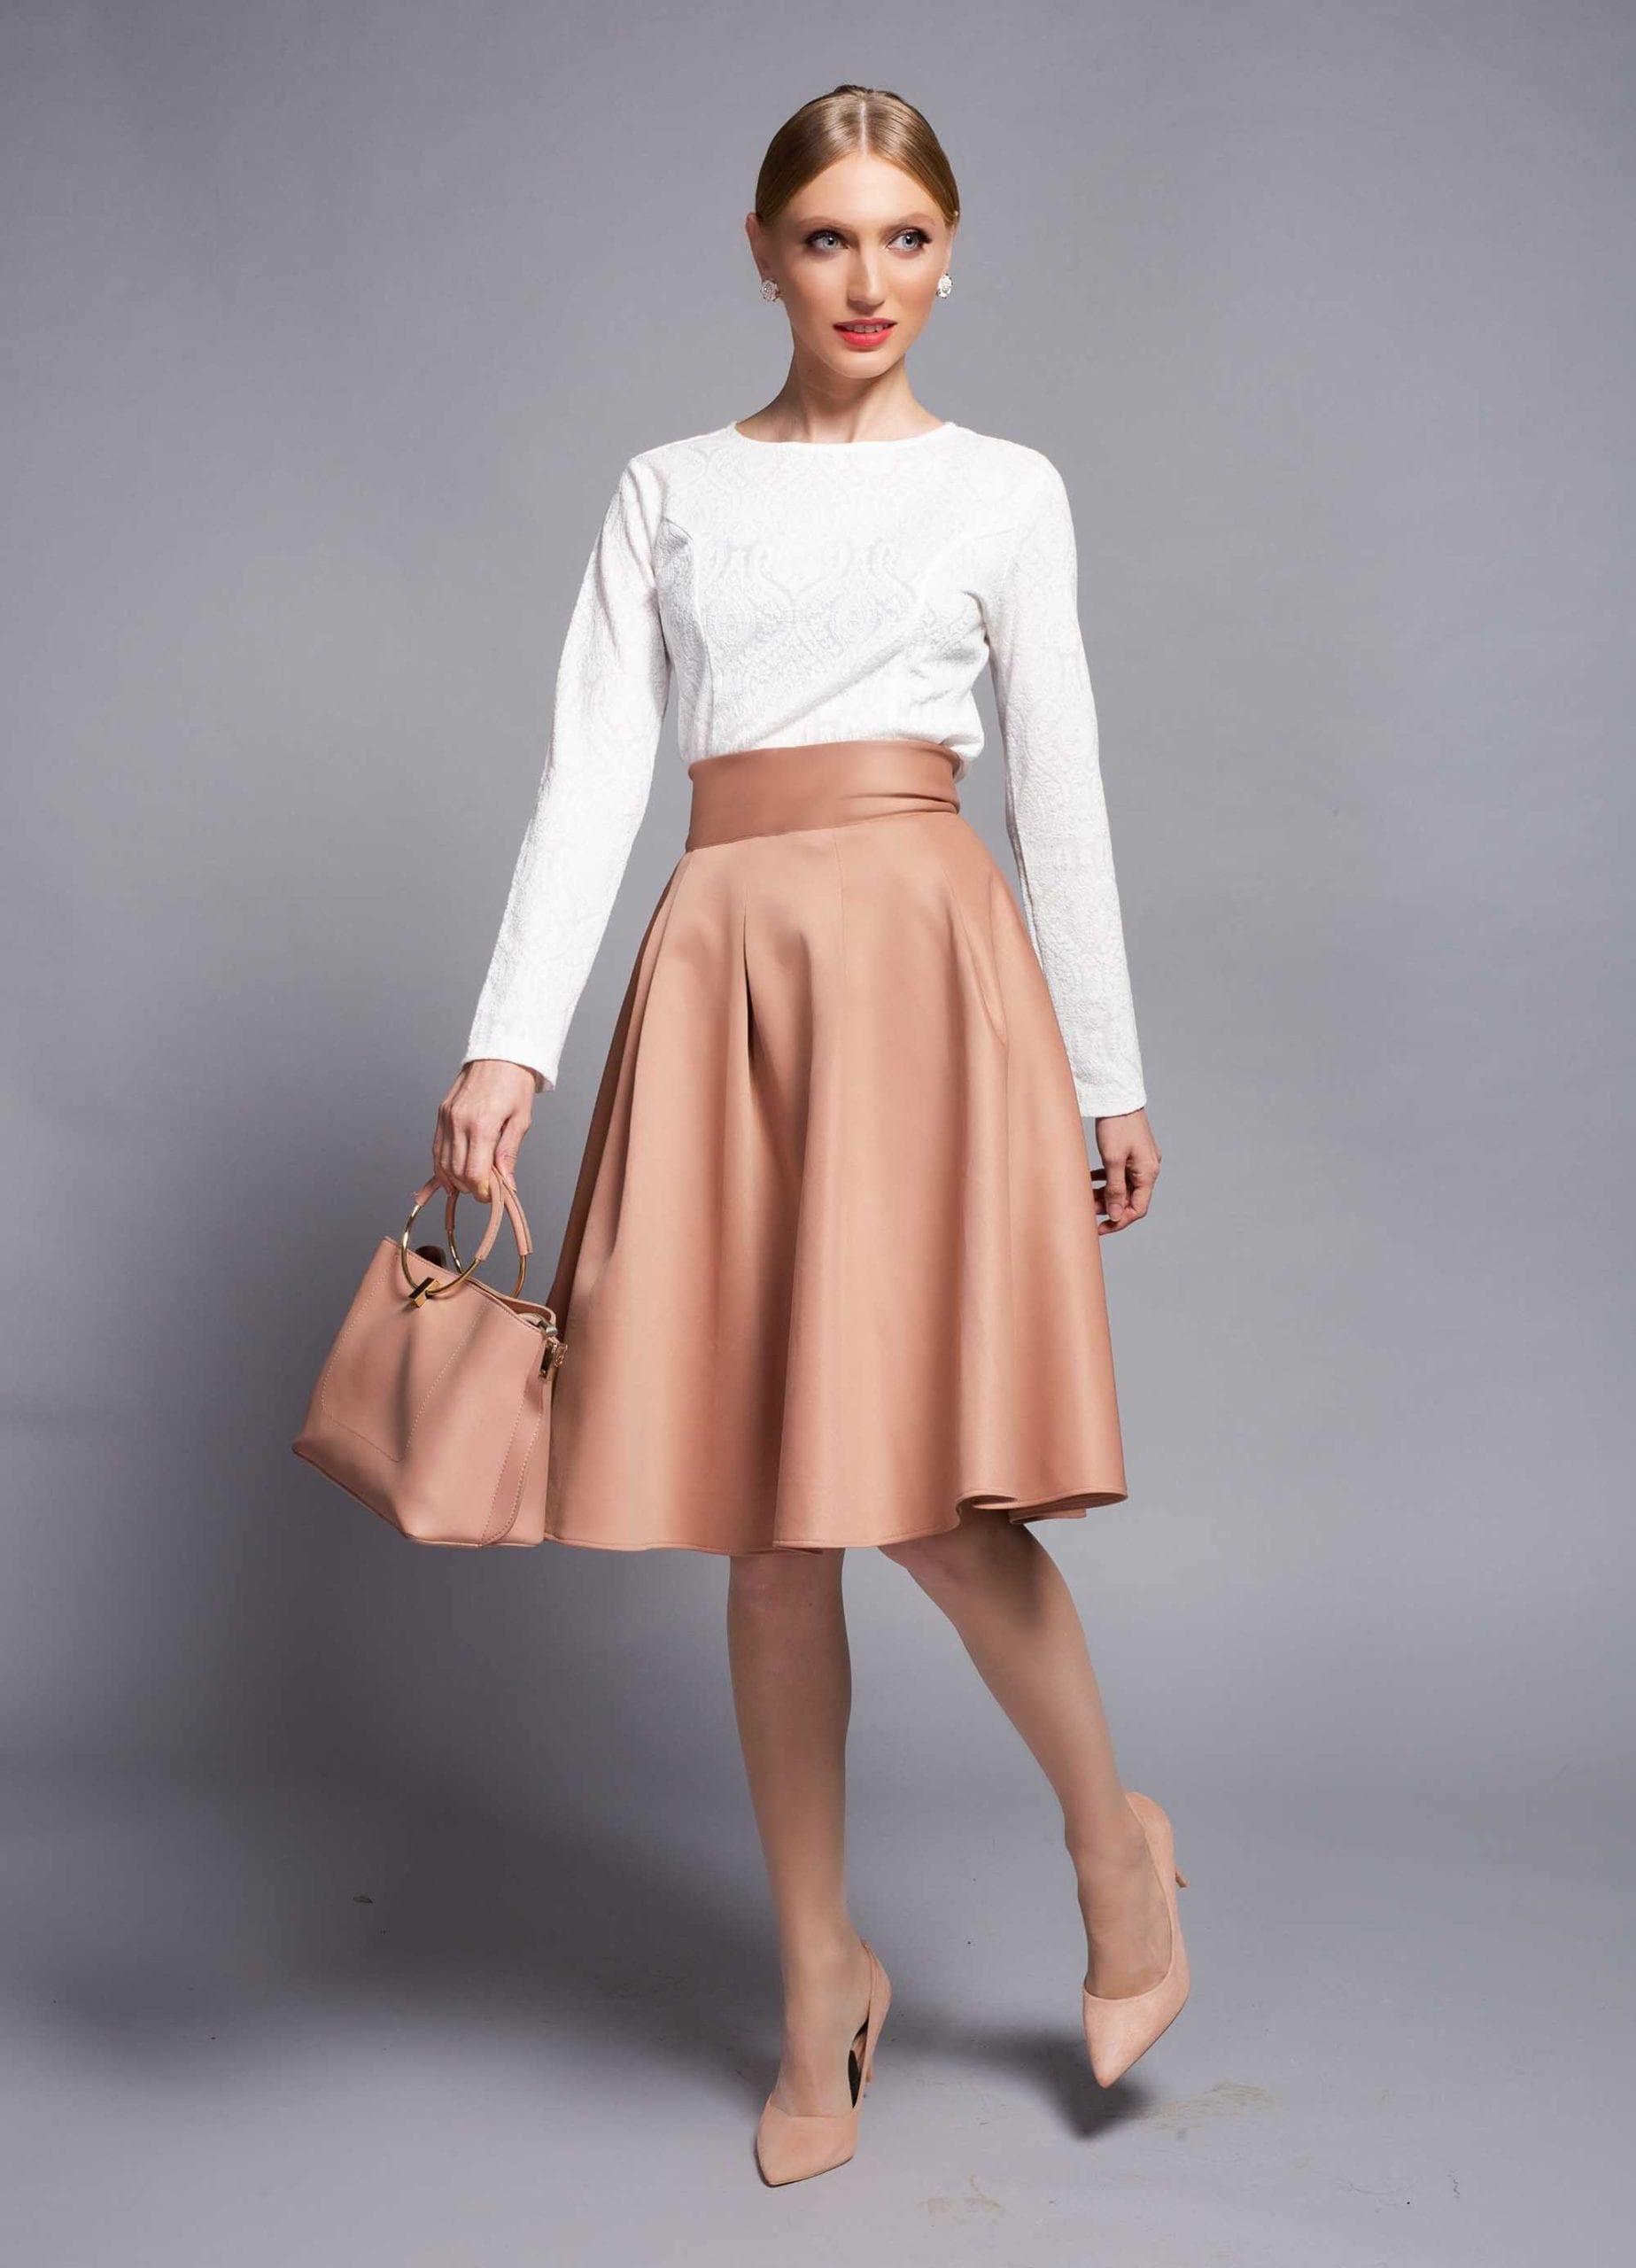 שילת אליאב, אופנה - 7